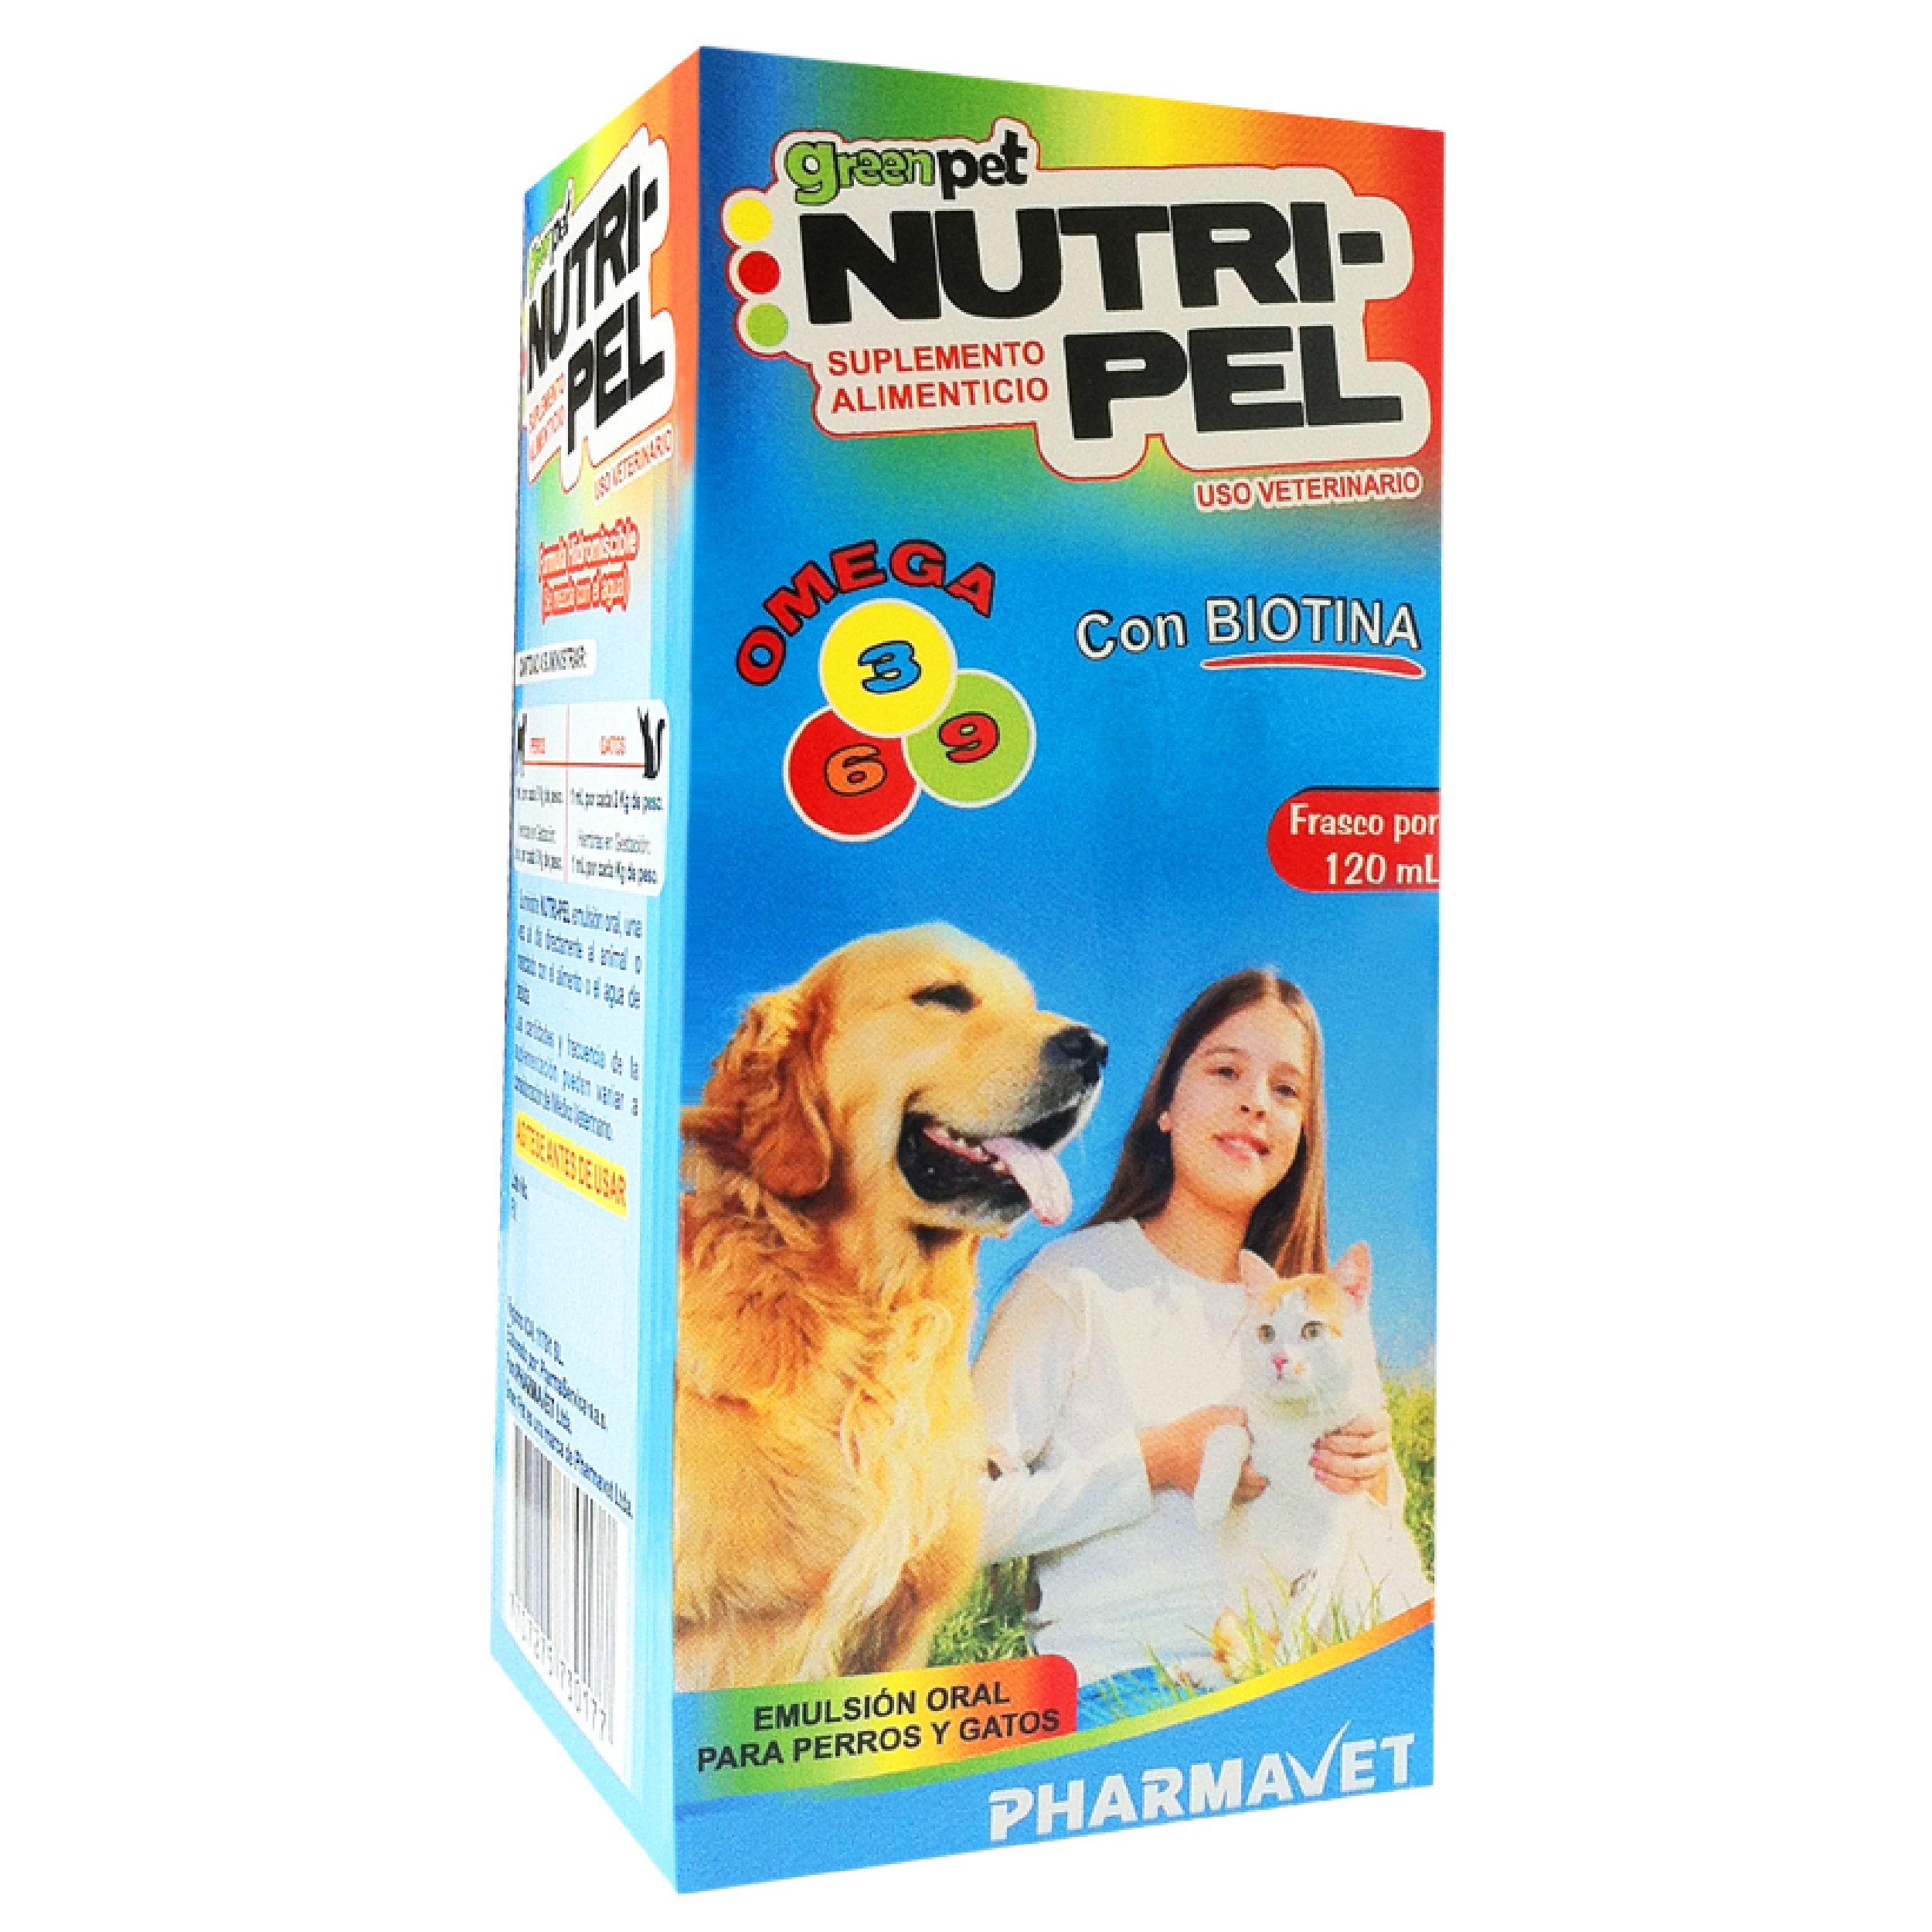 NutriPel